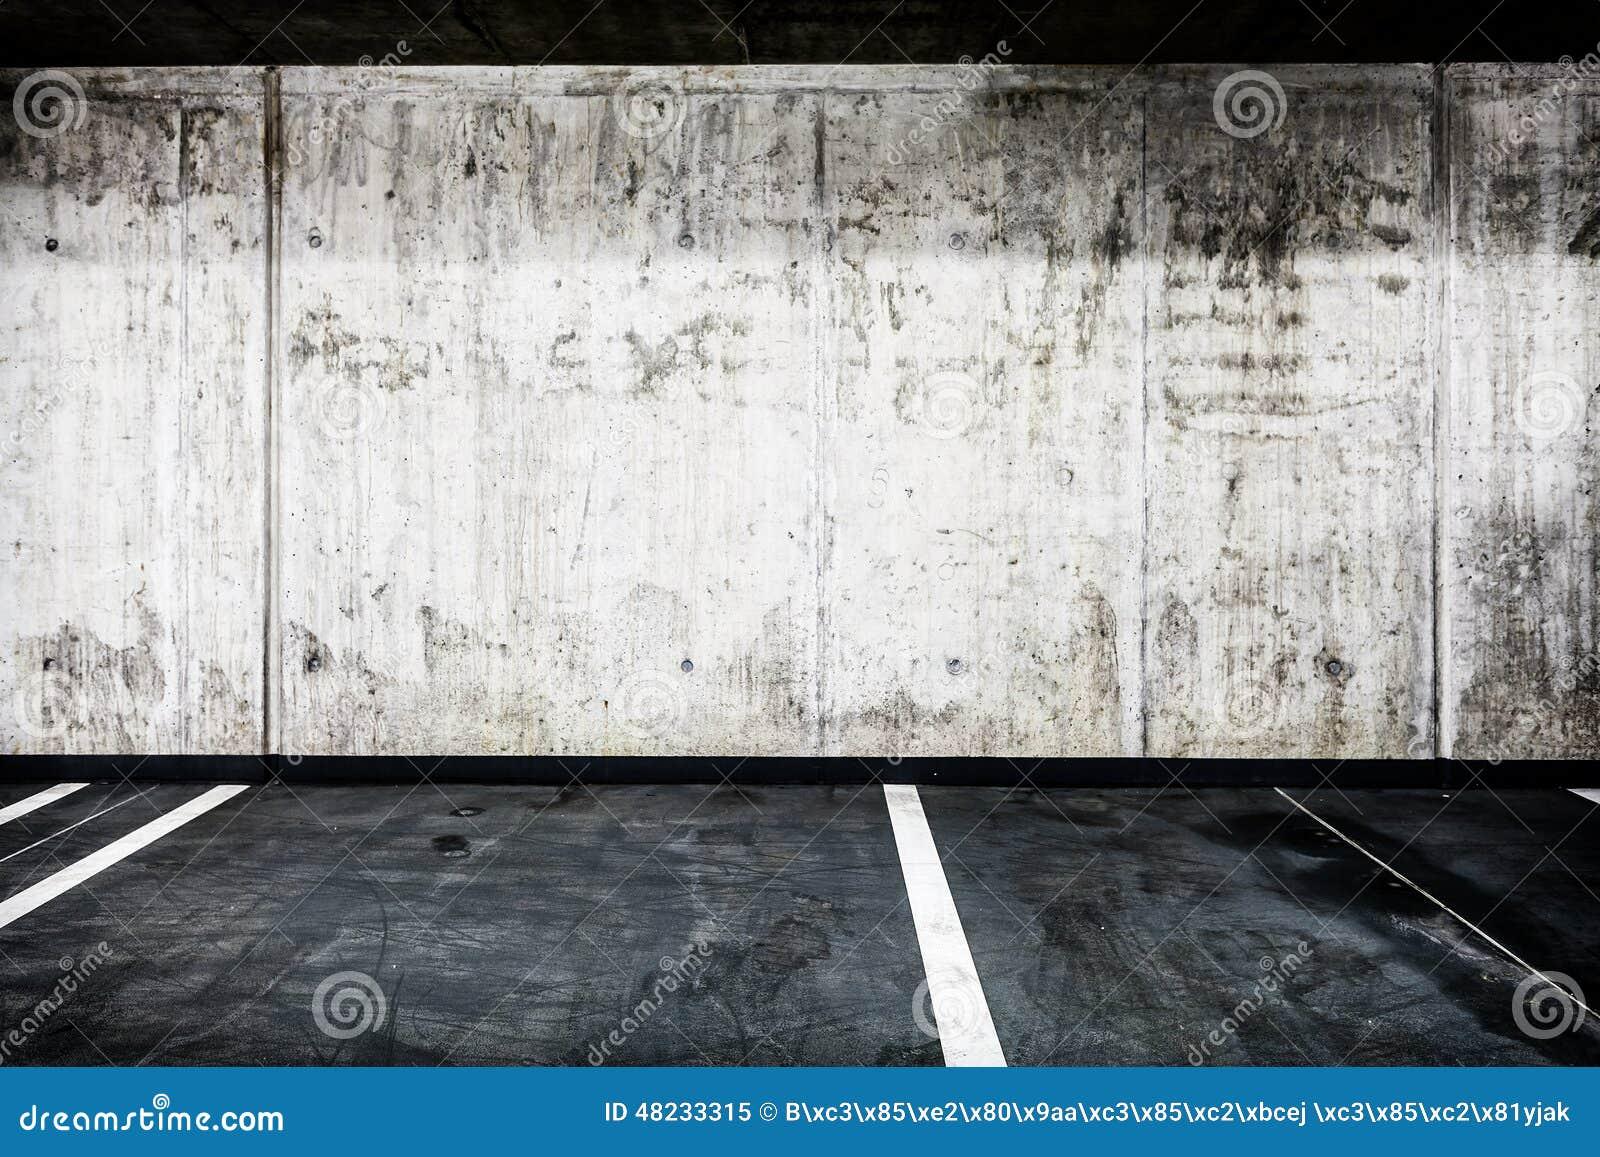 Concrete Underground Garage : Concrete wall underground garage interior background